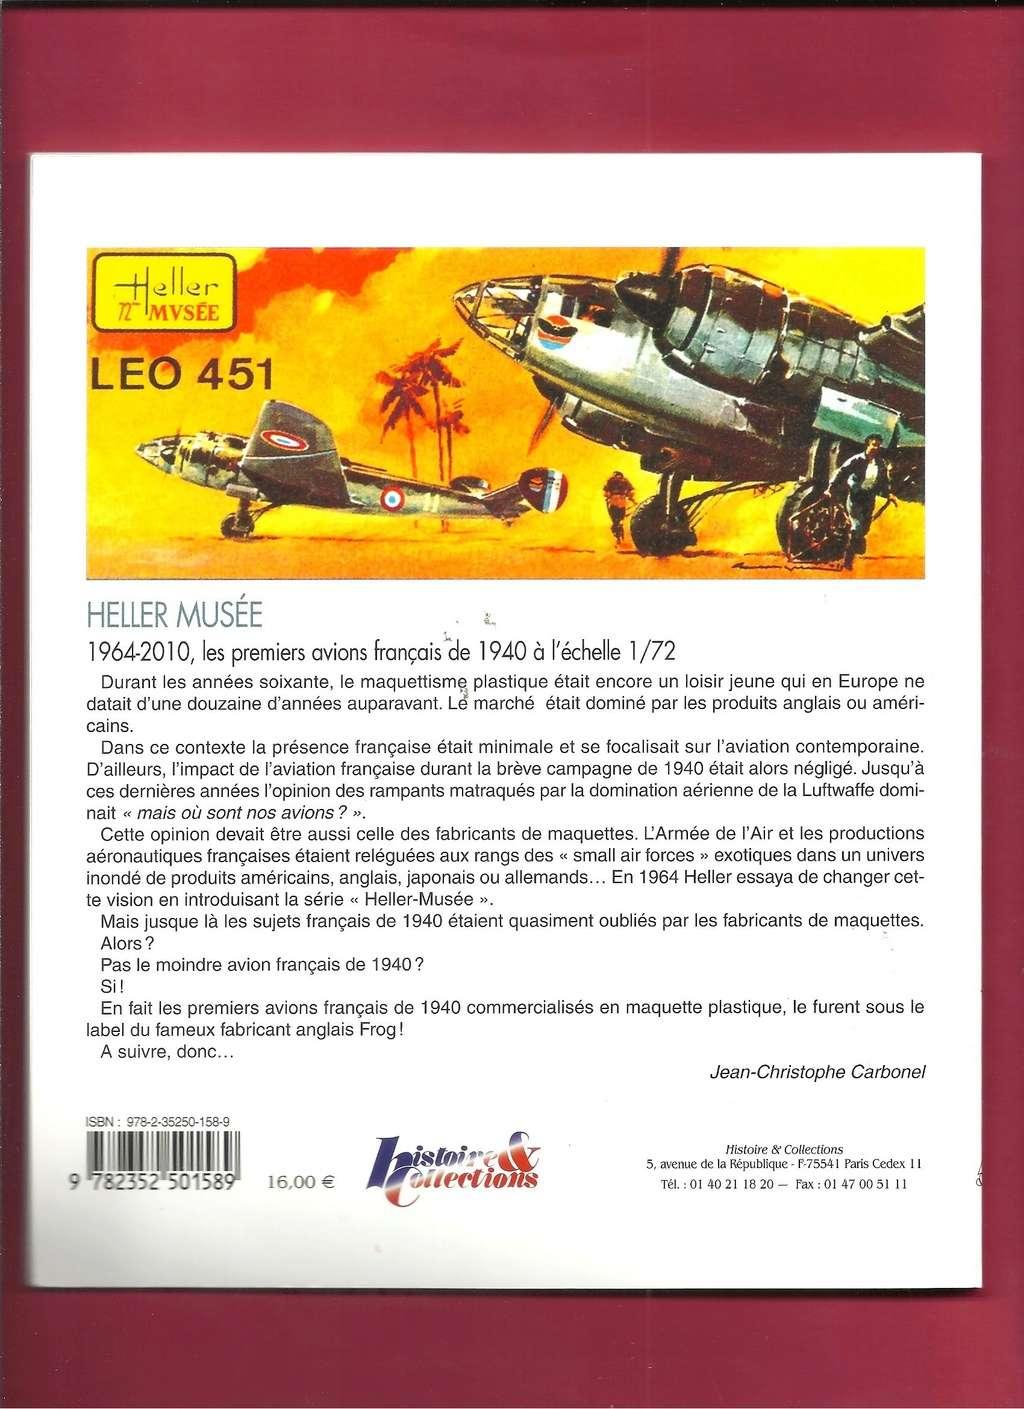 C'était sûrement pas nécessaire...achats JLT-93 - Page 3 Livre_66